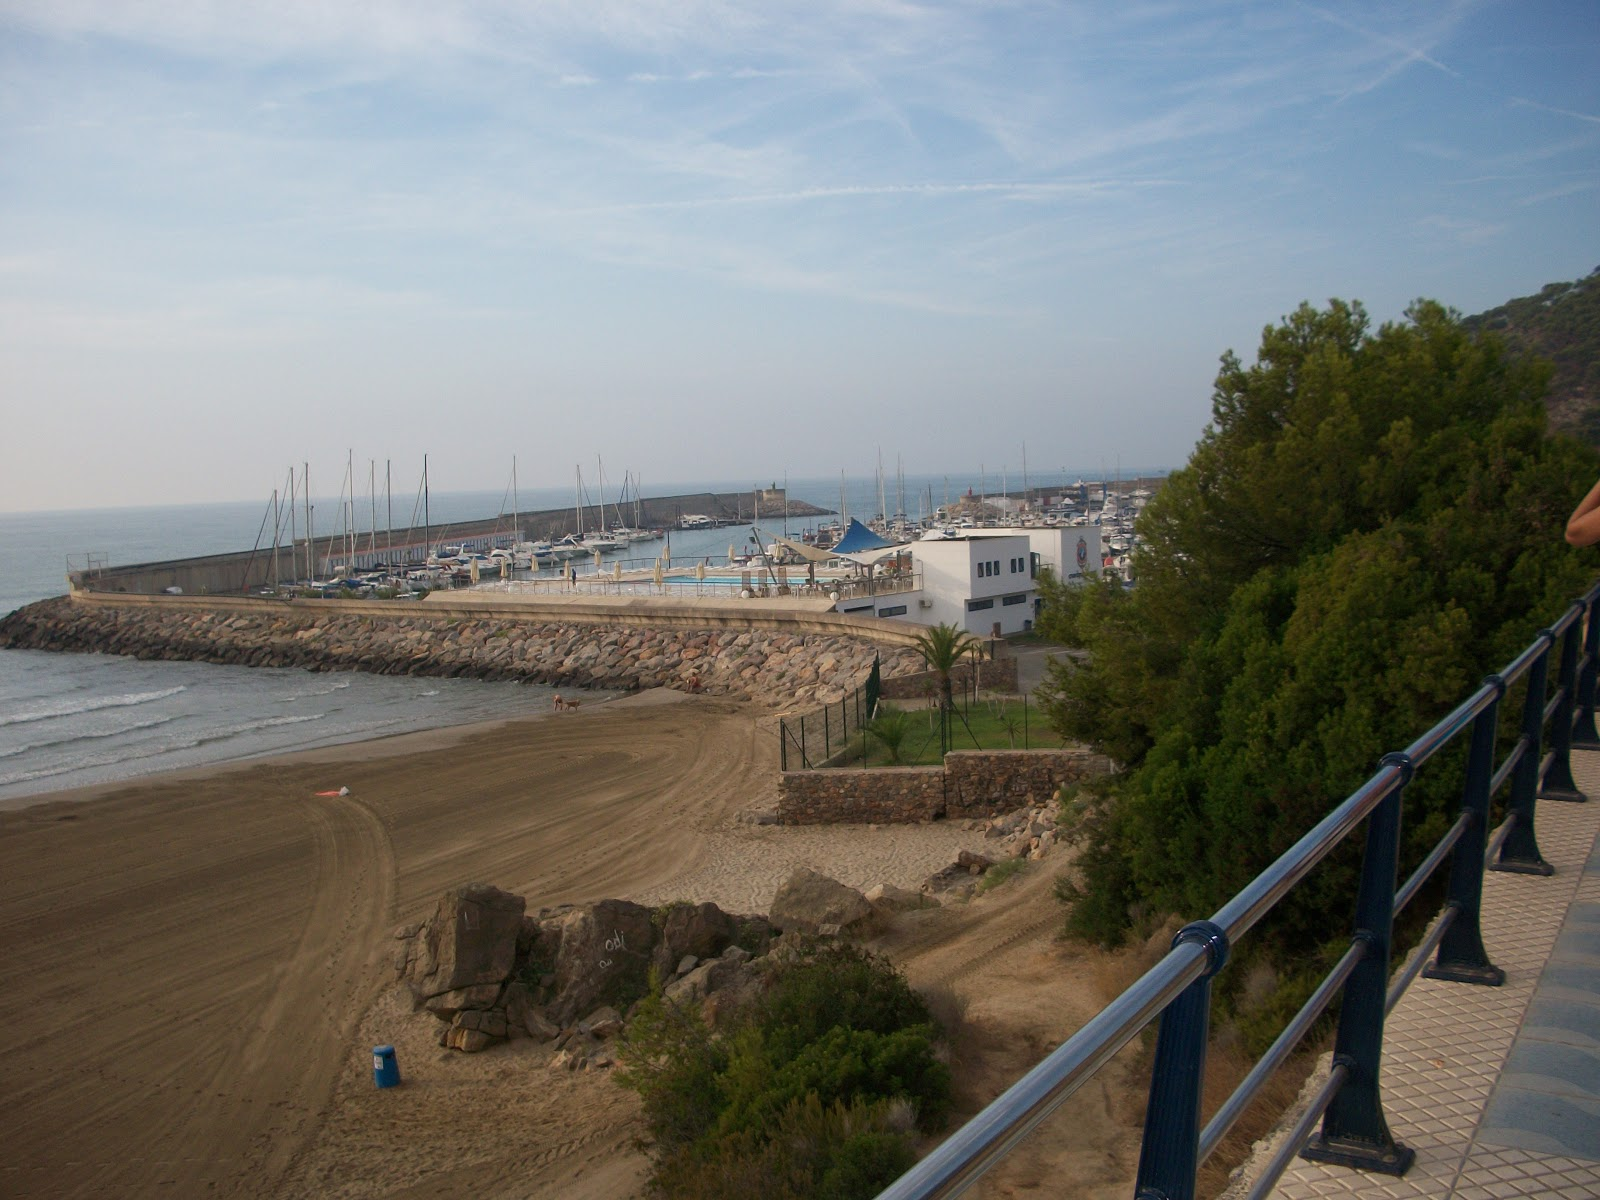 Apartamentos vacacionales en oropesa del mar oropesa del mar playa alquileres vacaciones - Apartamentos playa baratos vacaciones ...